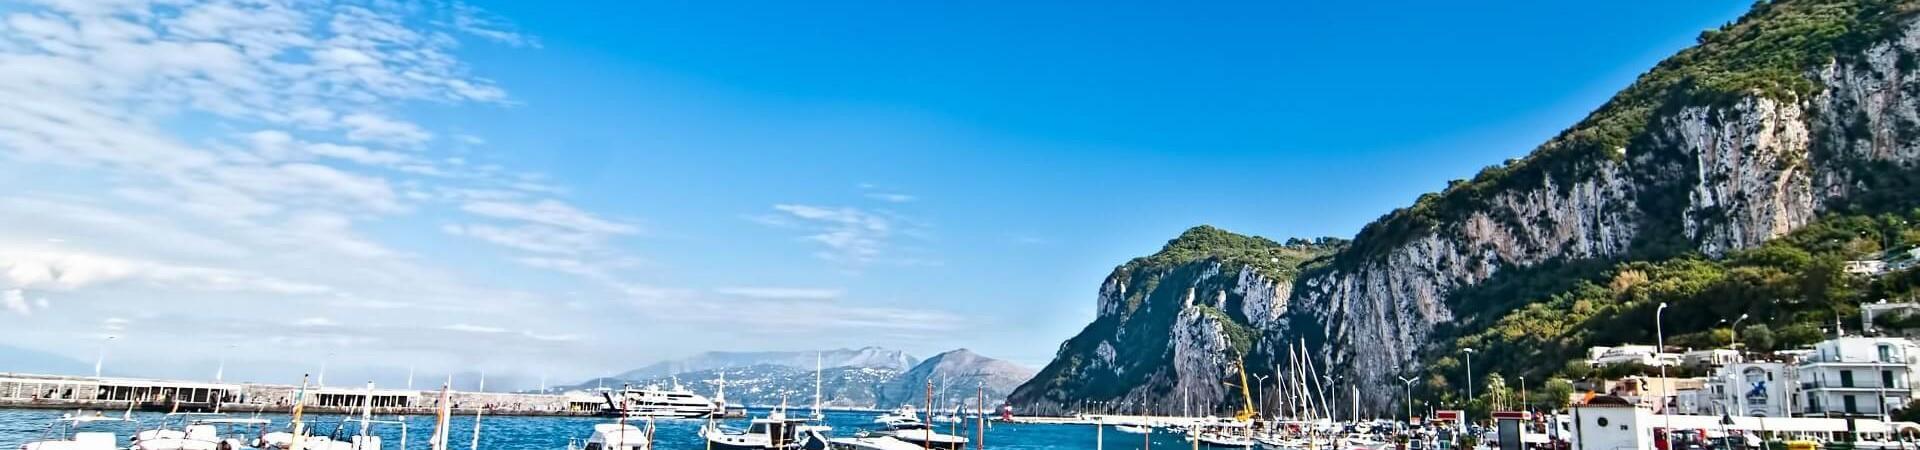 Włochy Capri